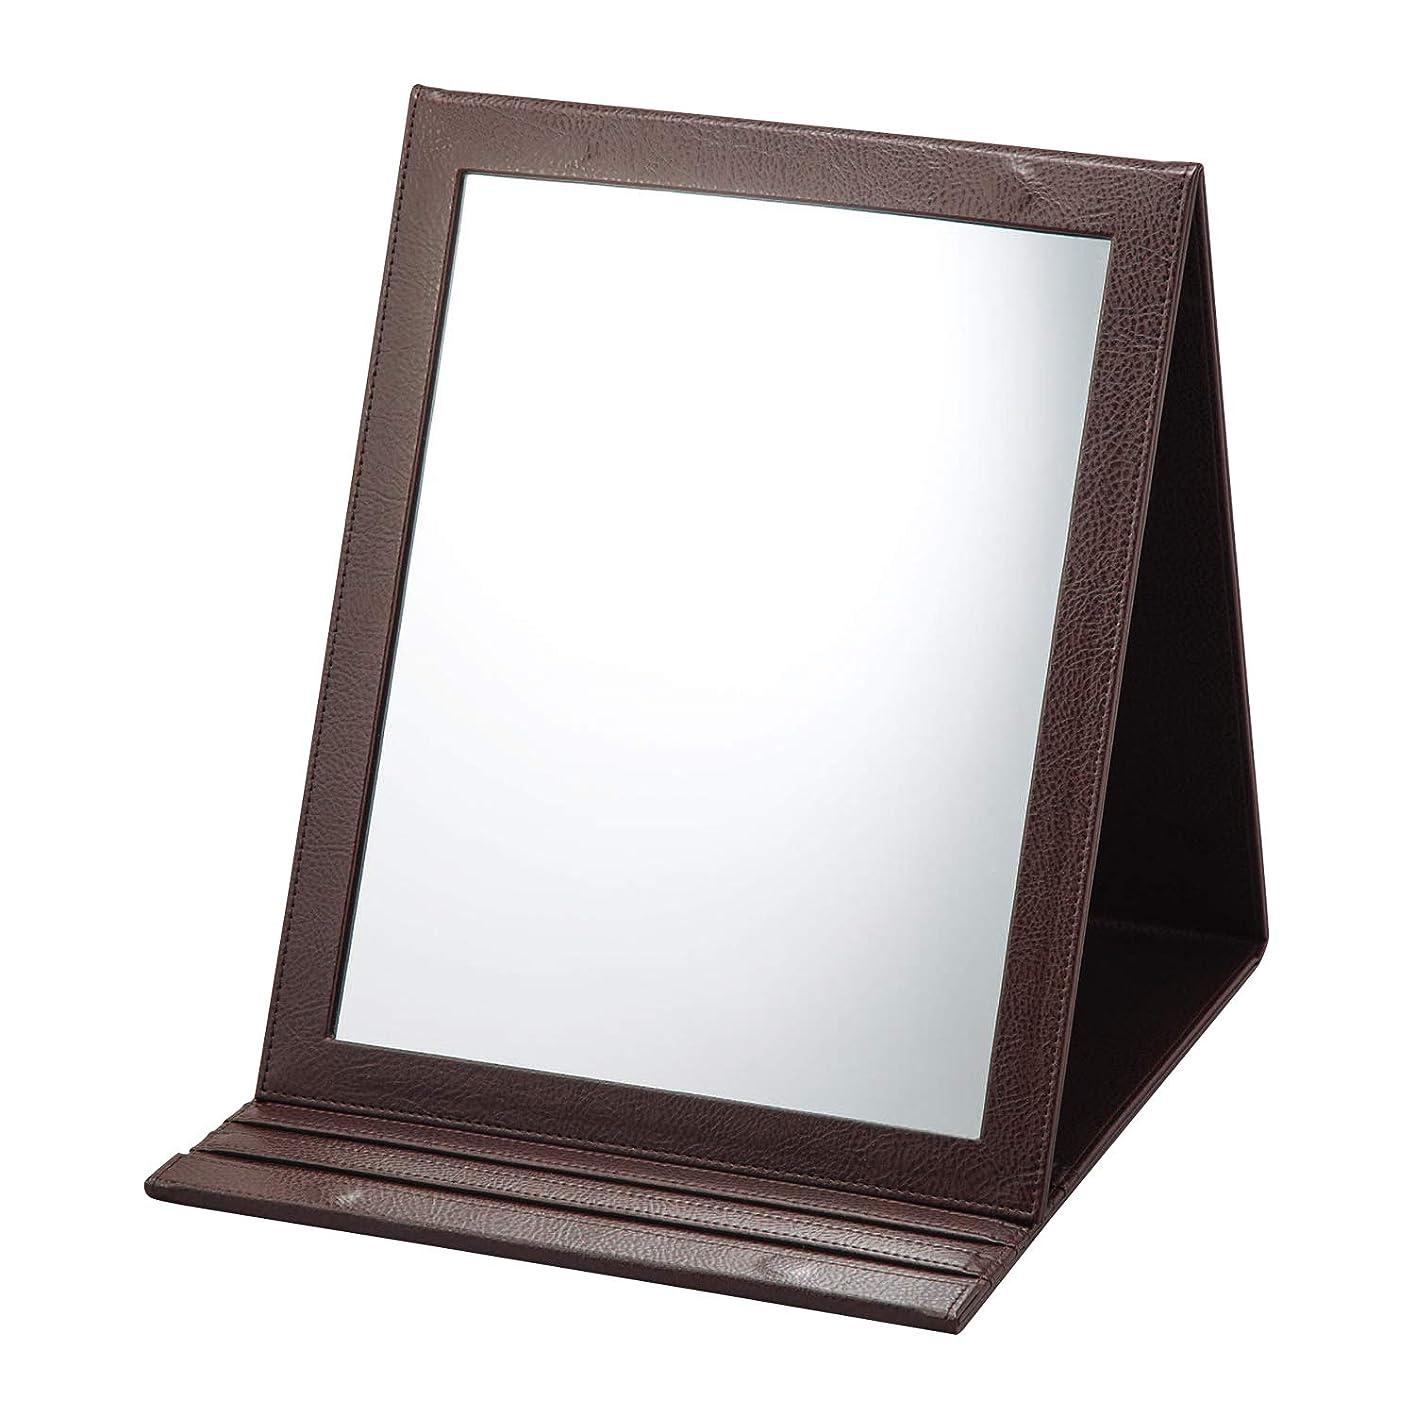 アプローチそのスラッシュ折立鏡デカミラー 角度調整5段階 卓上 A4サイズ メイク 化粧 おりたたみ